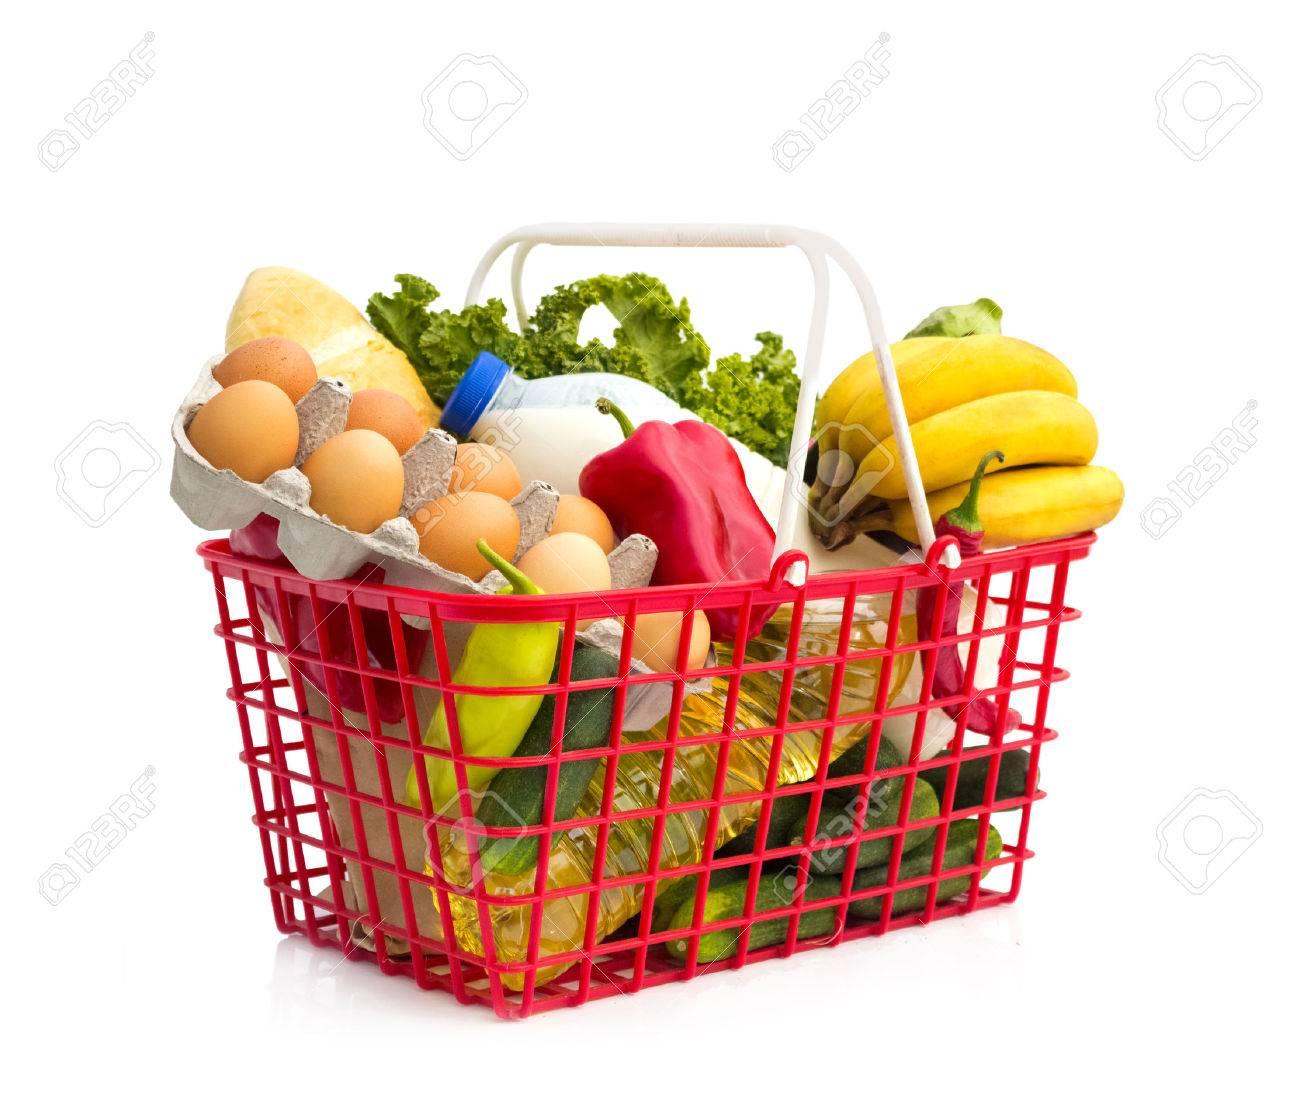 Full shopping basket, isolated over white background Standard-Bild - 23796779